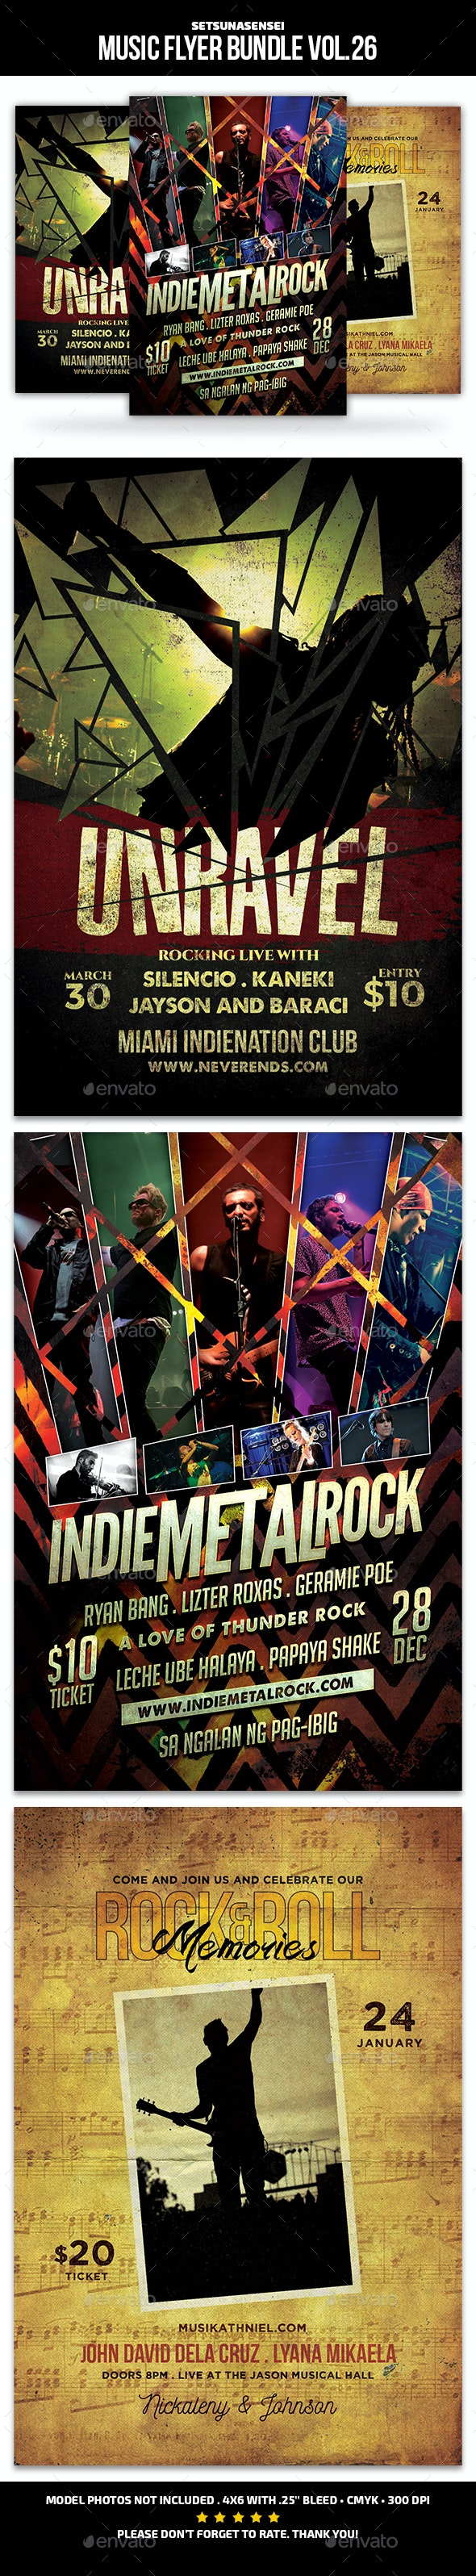 Music Flyer Bundle Vol. 26 - Concerts Events